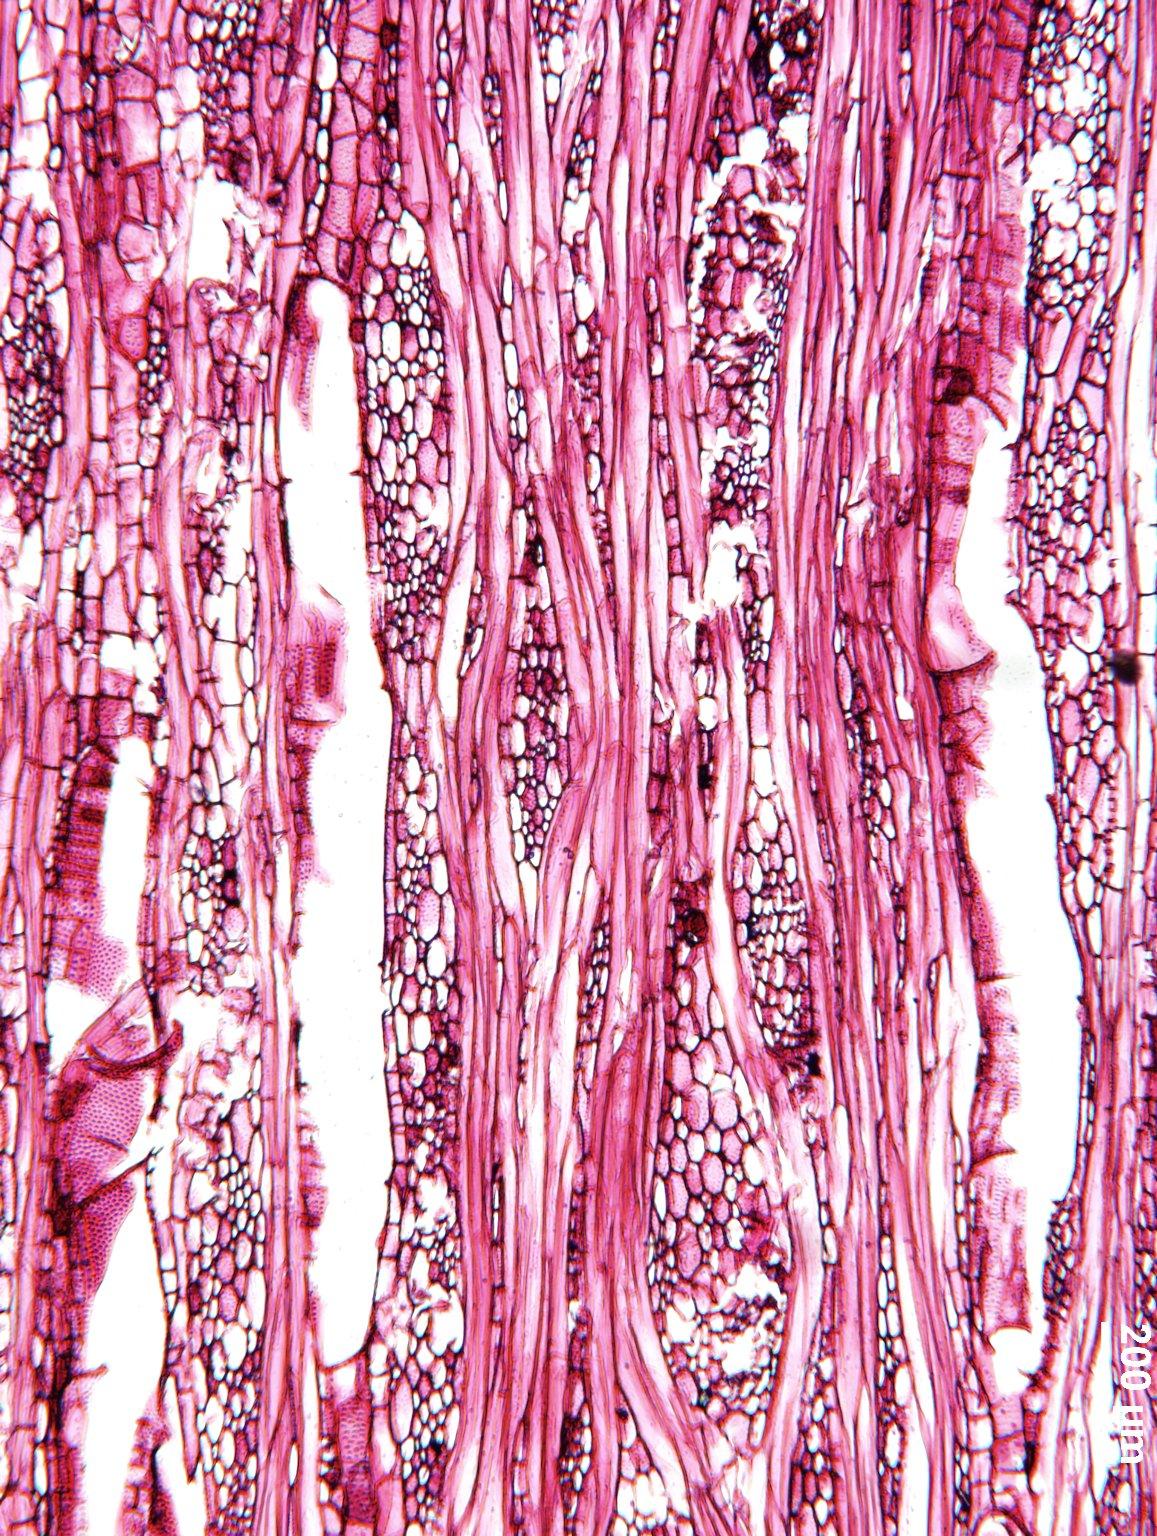 MALVACEAE GREWIOIDEAE Entelea arborescens